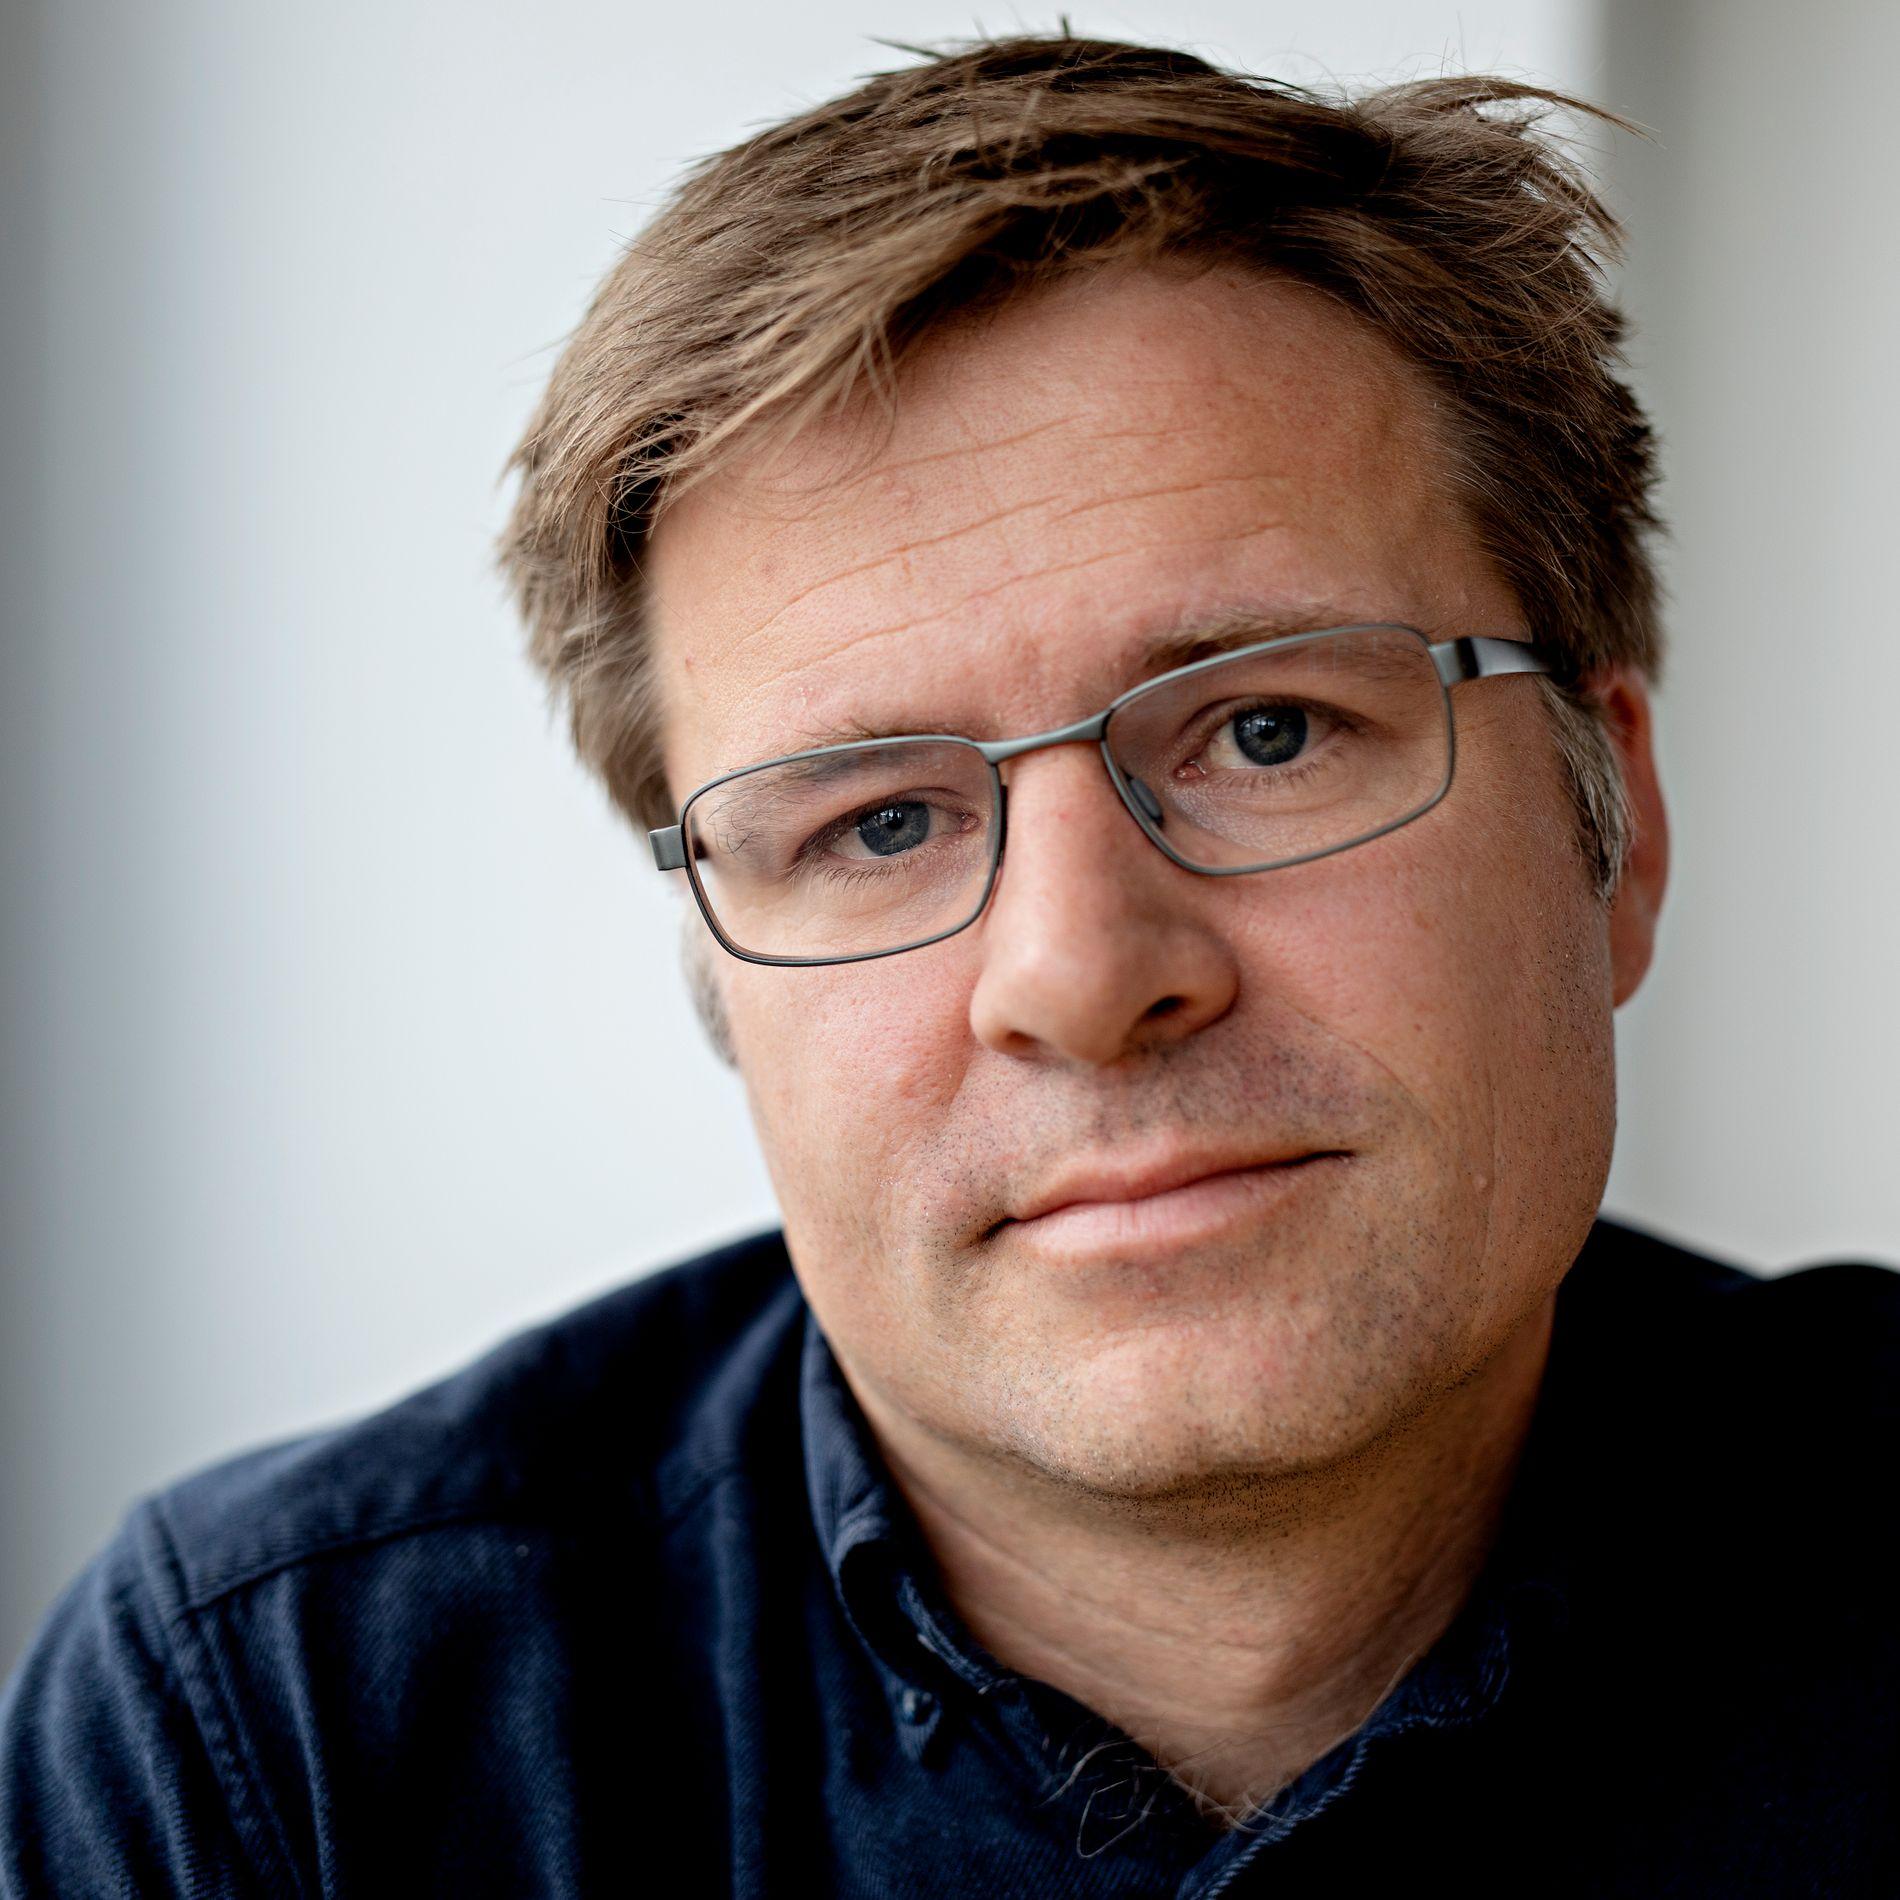 Christian Ohldieck